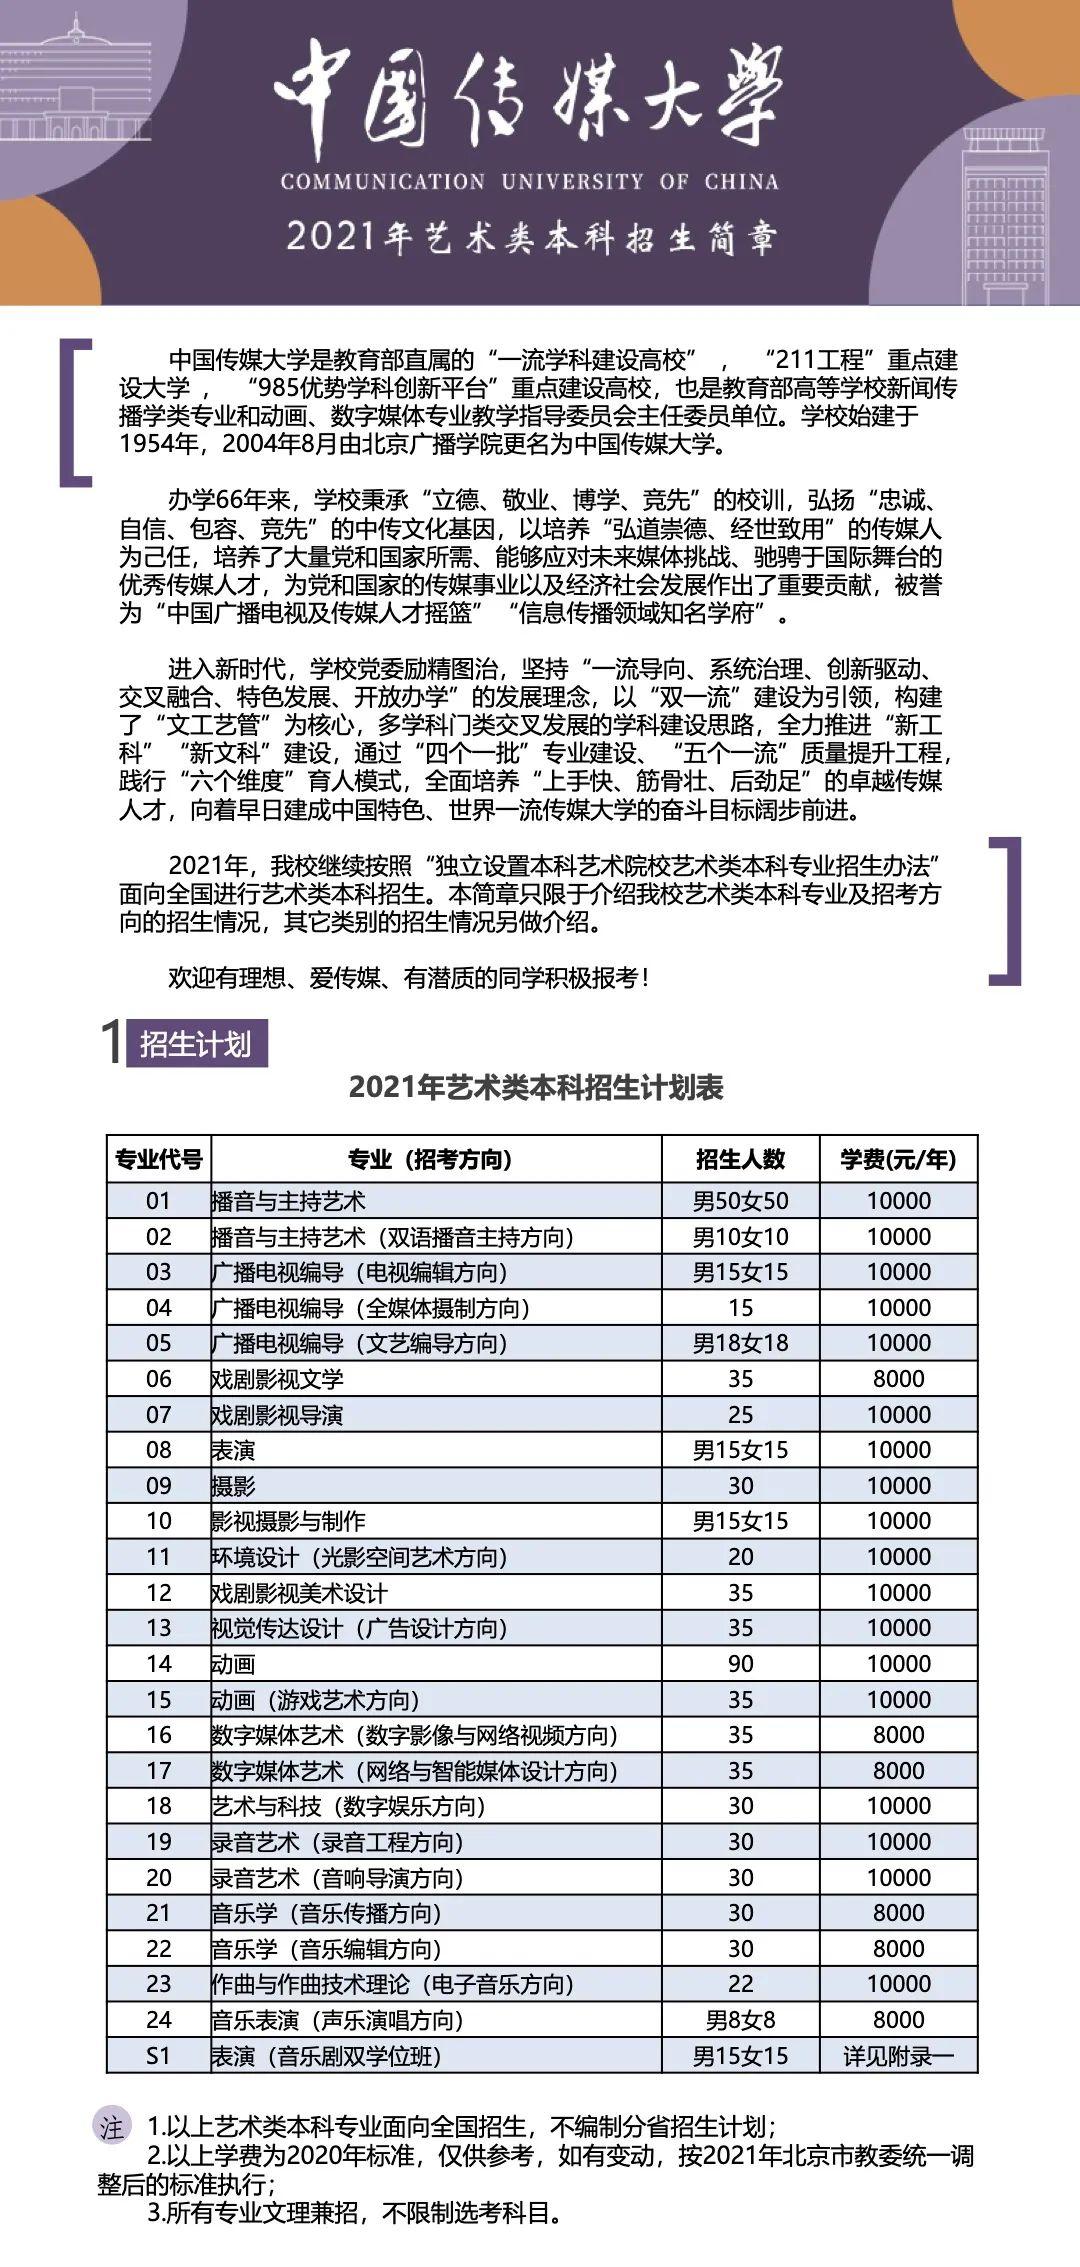 【重磅】中国传媒大学2021年艺术类本科招生简章正式发布图片